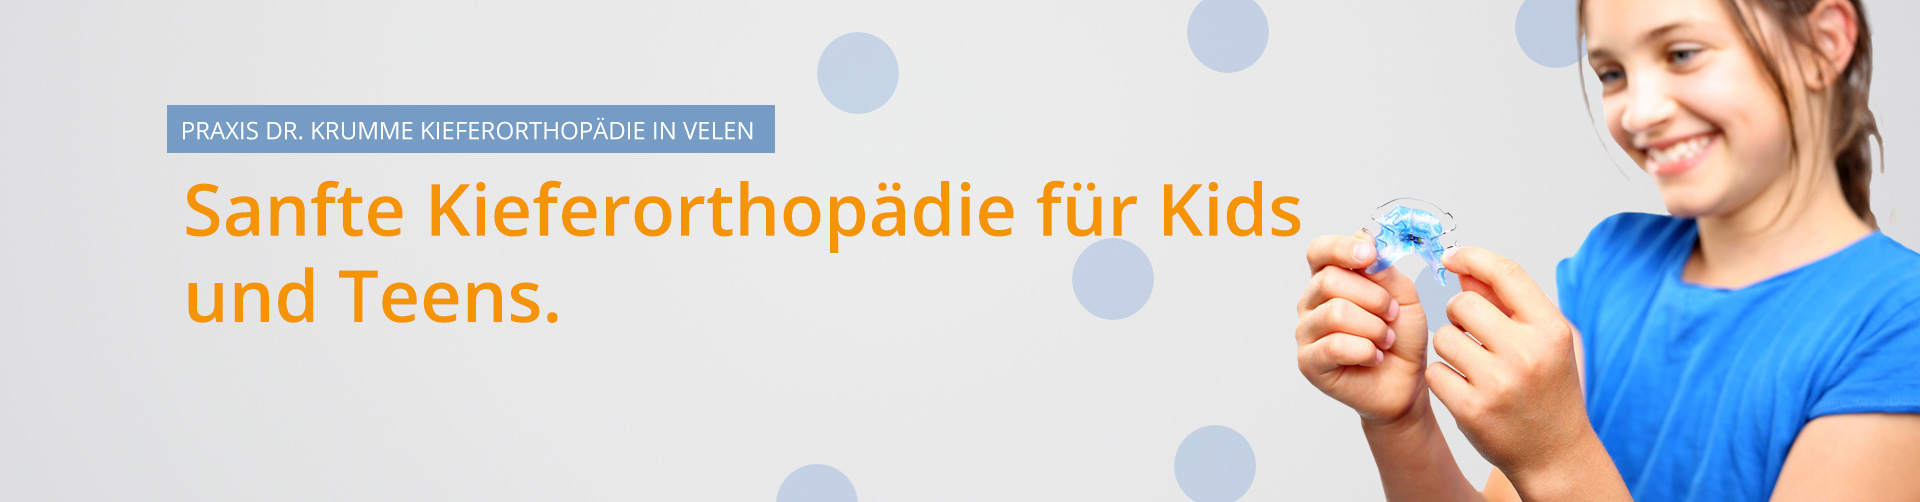 Startseite_Slider_KFO_Kids-und-Teens_3